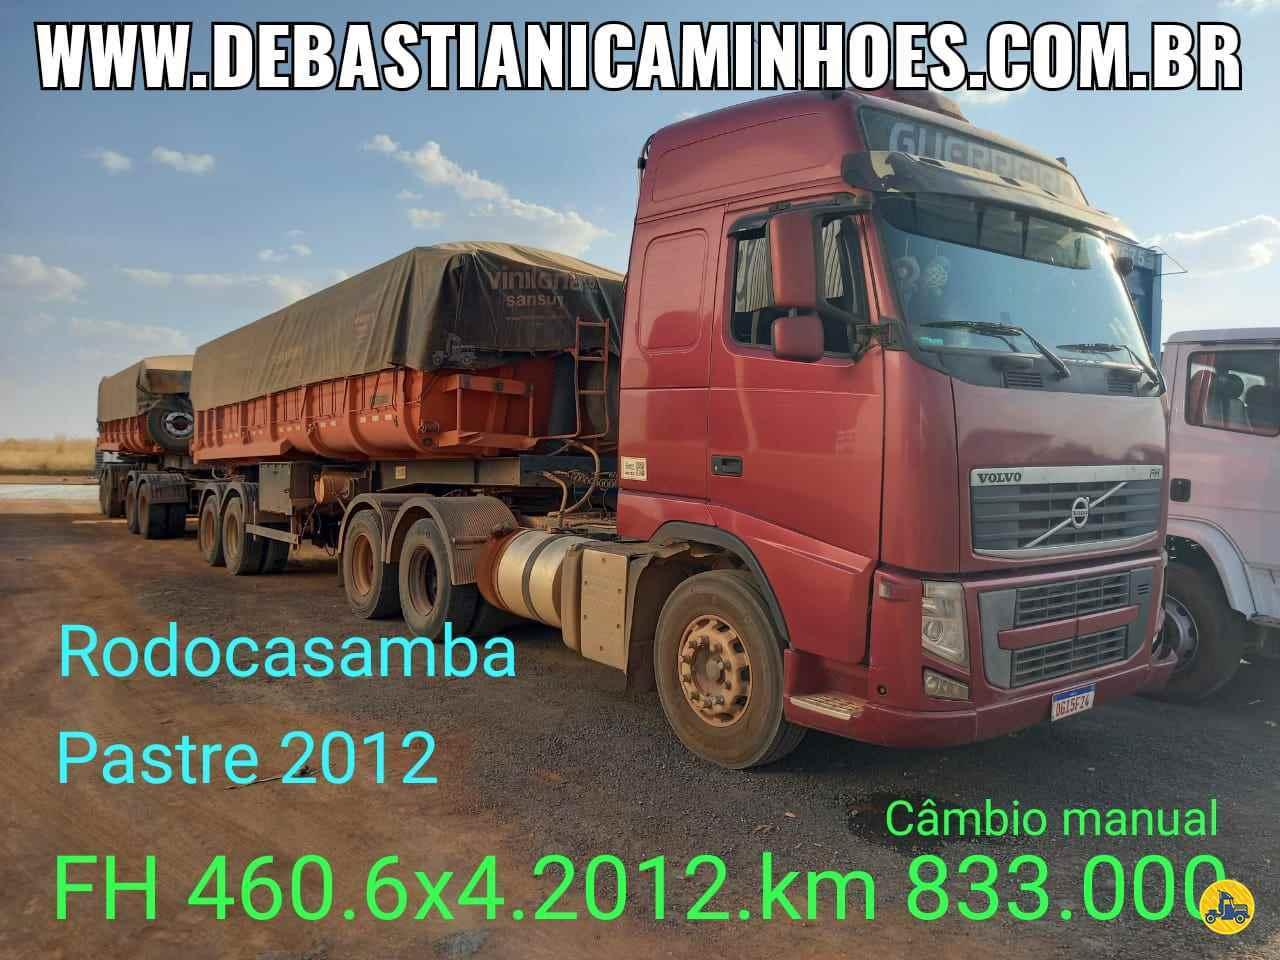 CAMINHAO VOLVO VOLVO FH 460 Cavalo Mecânico Traçado 6x4 Debastiani Caminhões ANAPOLIS GOIAS GO